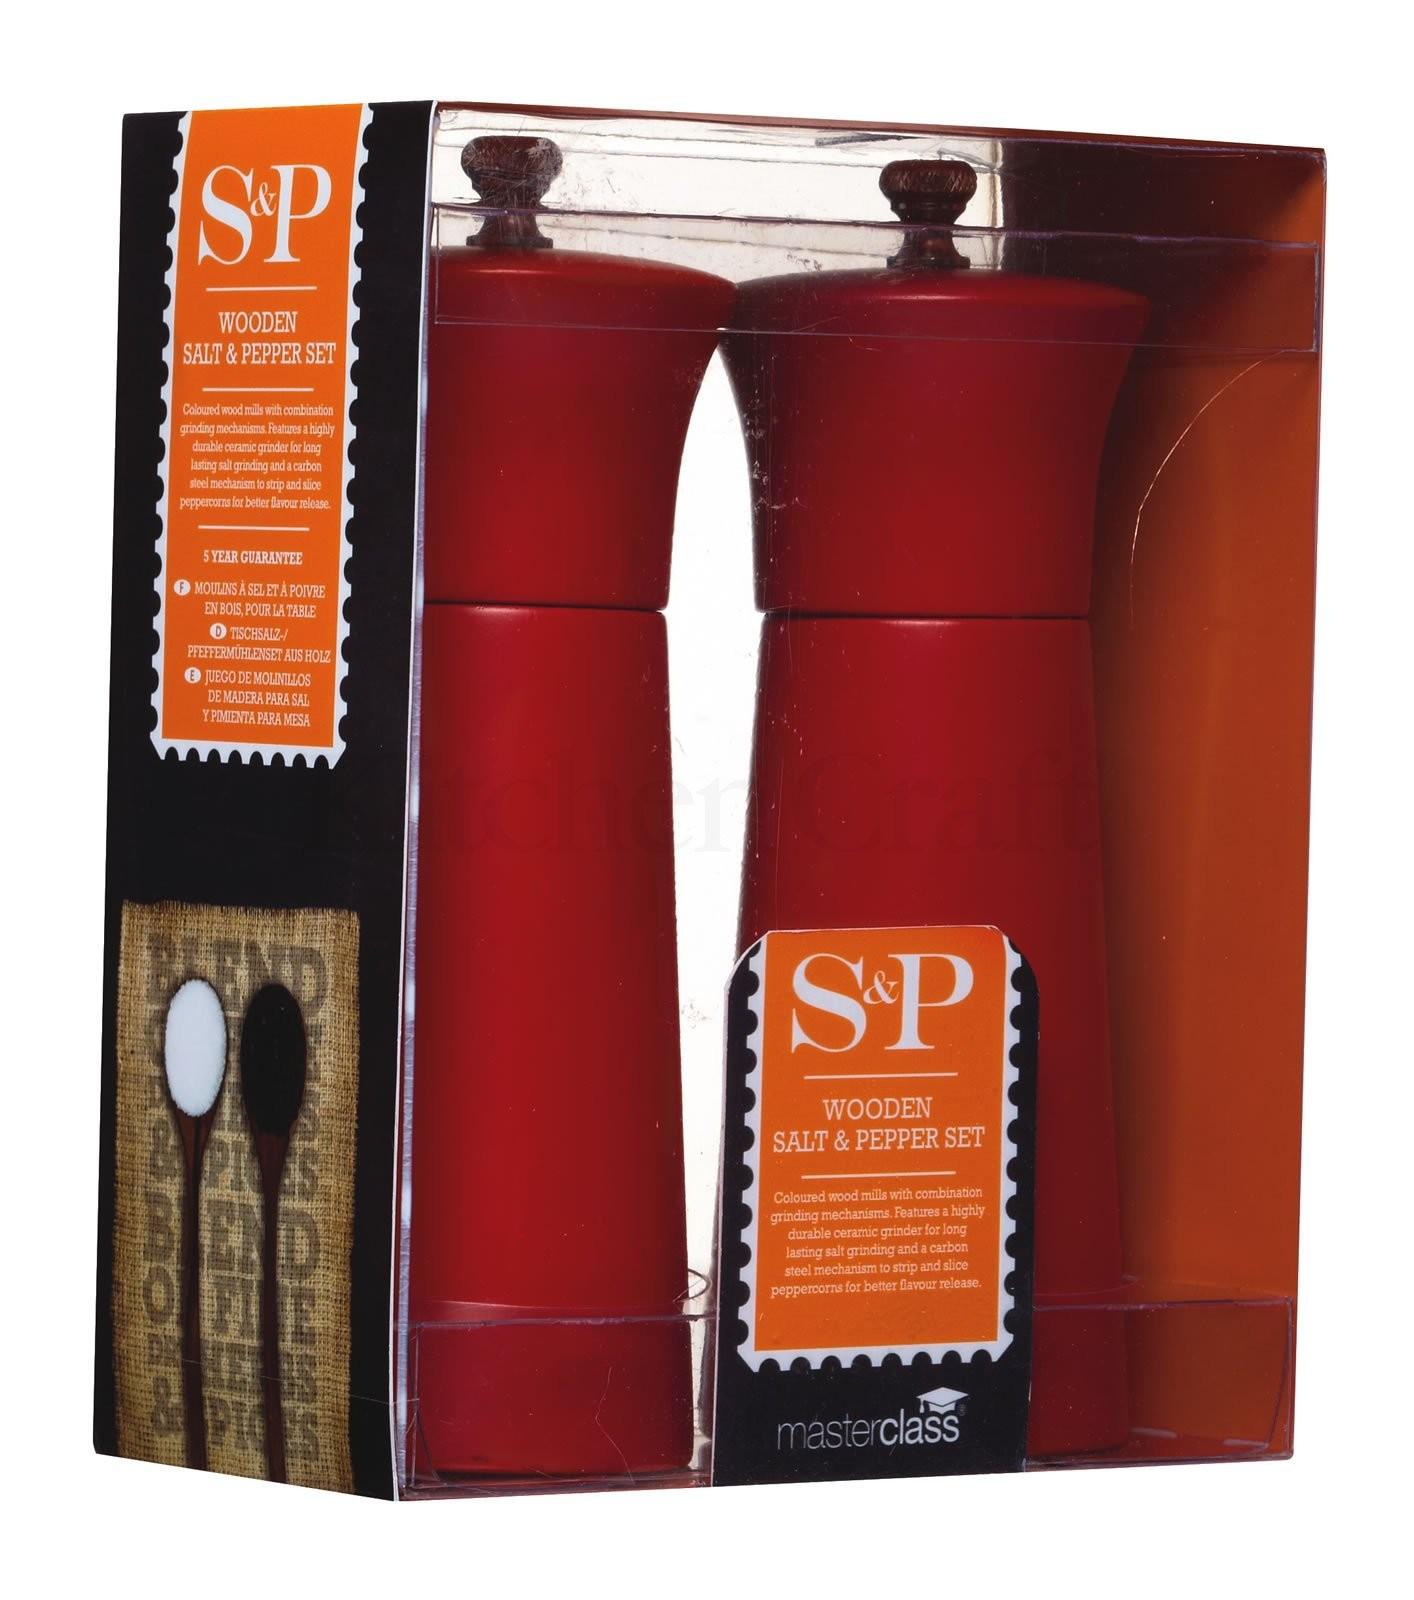 μύλοι σετ αλάτι και πιπέρι masterclass ξύλινοι κόκκινοι 17cm home   αξεσουαρ κουζινας   μύλοι αλατοπίπερου